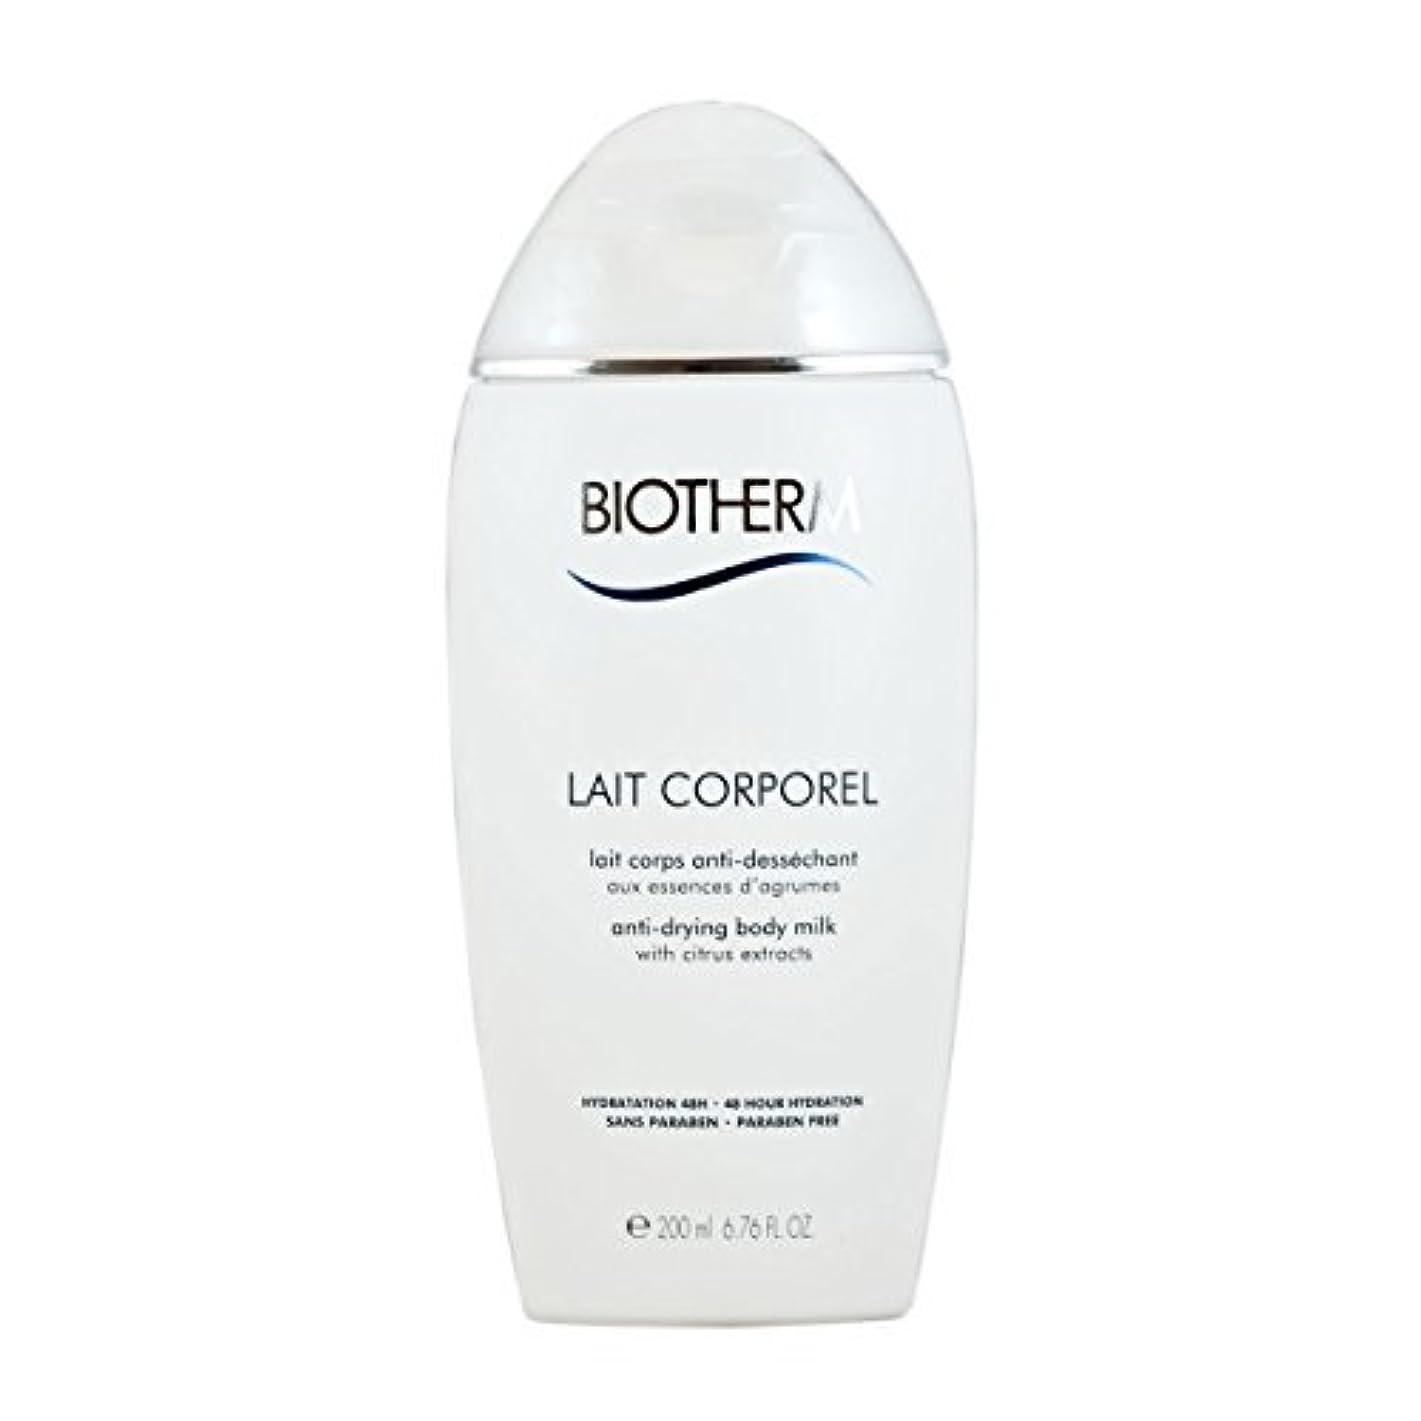 準備ができて州包帯Biotherm Lait Corporel Anti-Drying Body Milk 6.76 Ounce [並行輸入品]